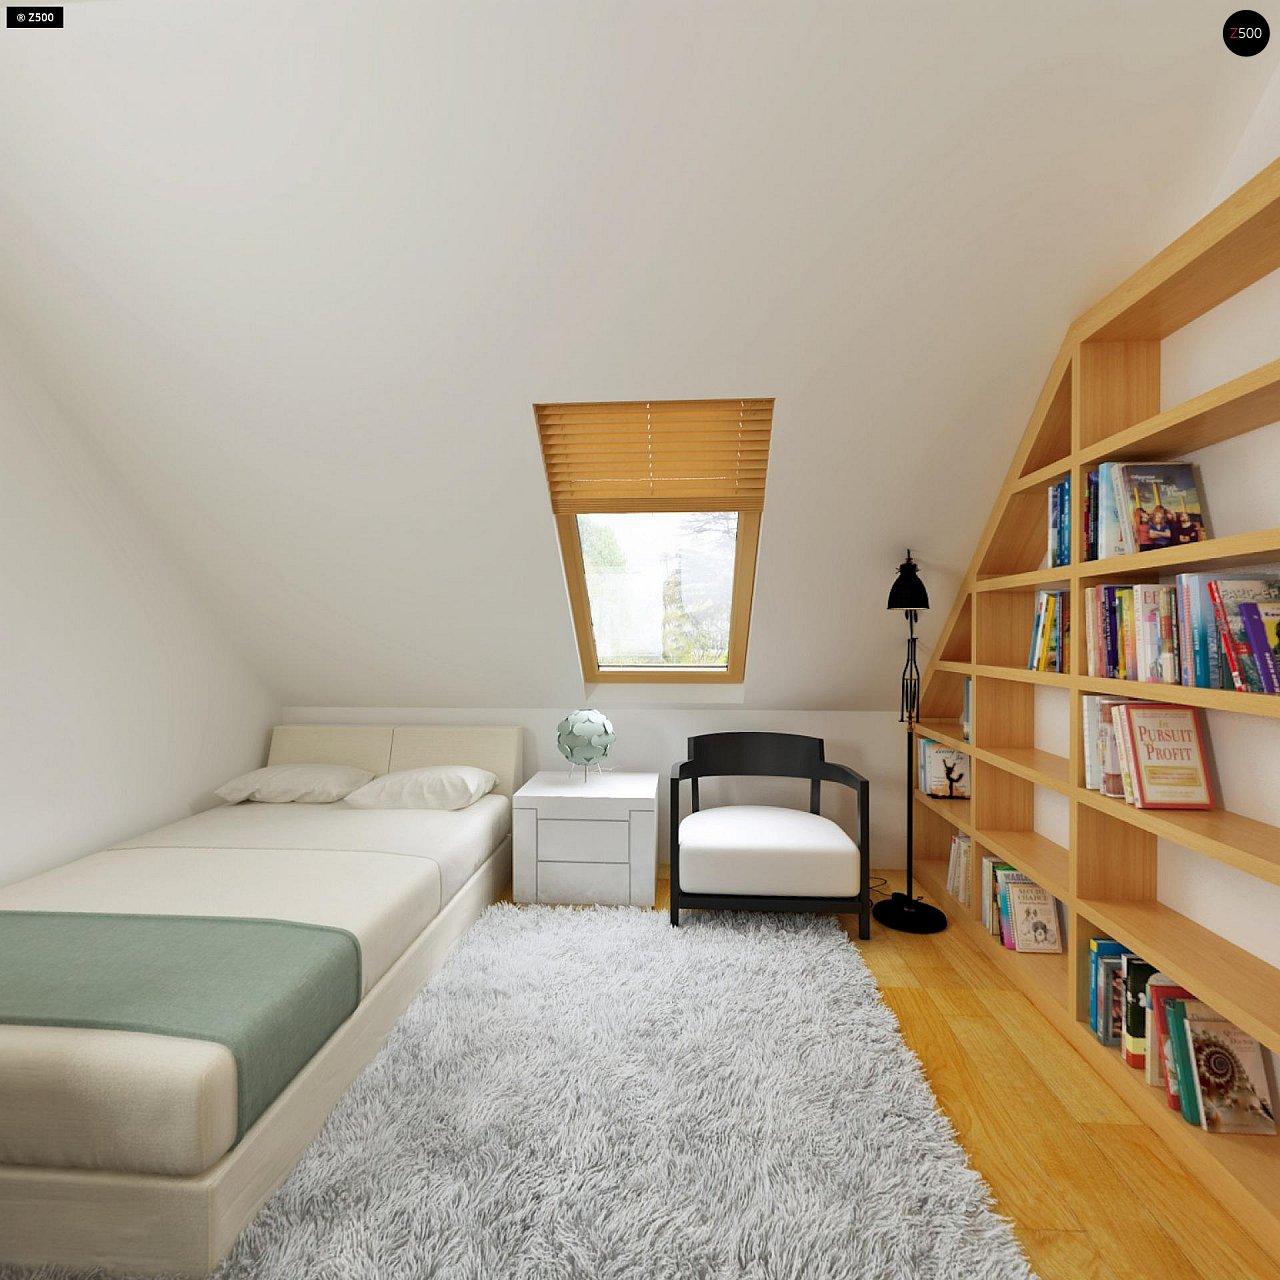 Практичный дом для небольшого участка, простой в строительстве, дешевый в эксплуатации. 20